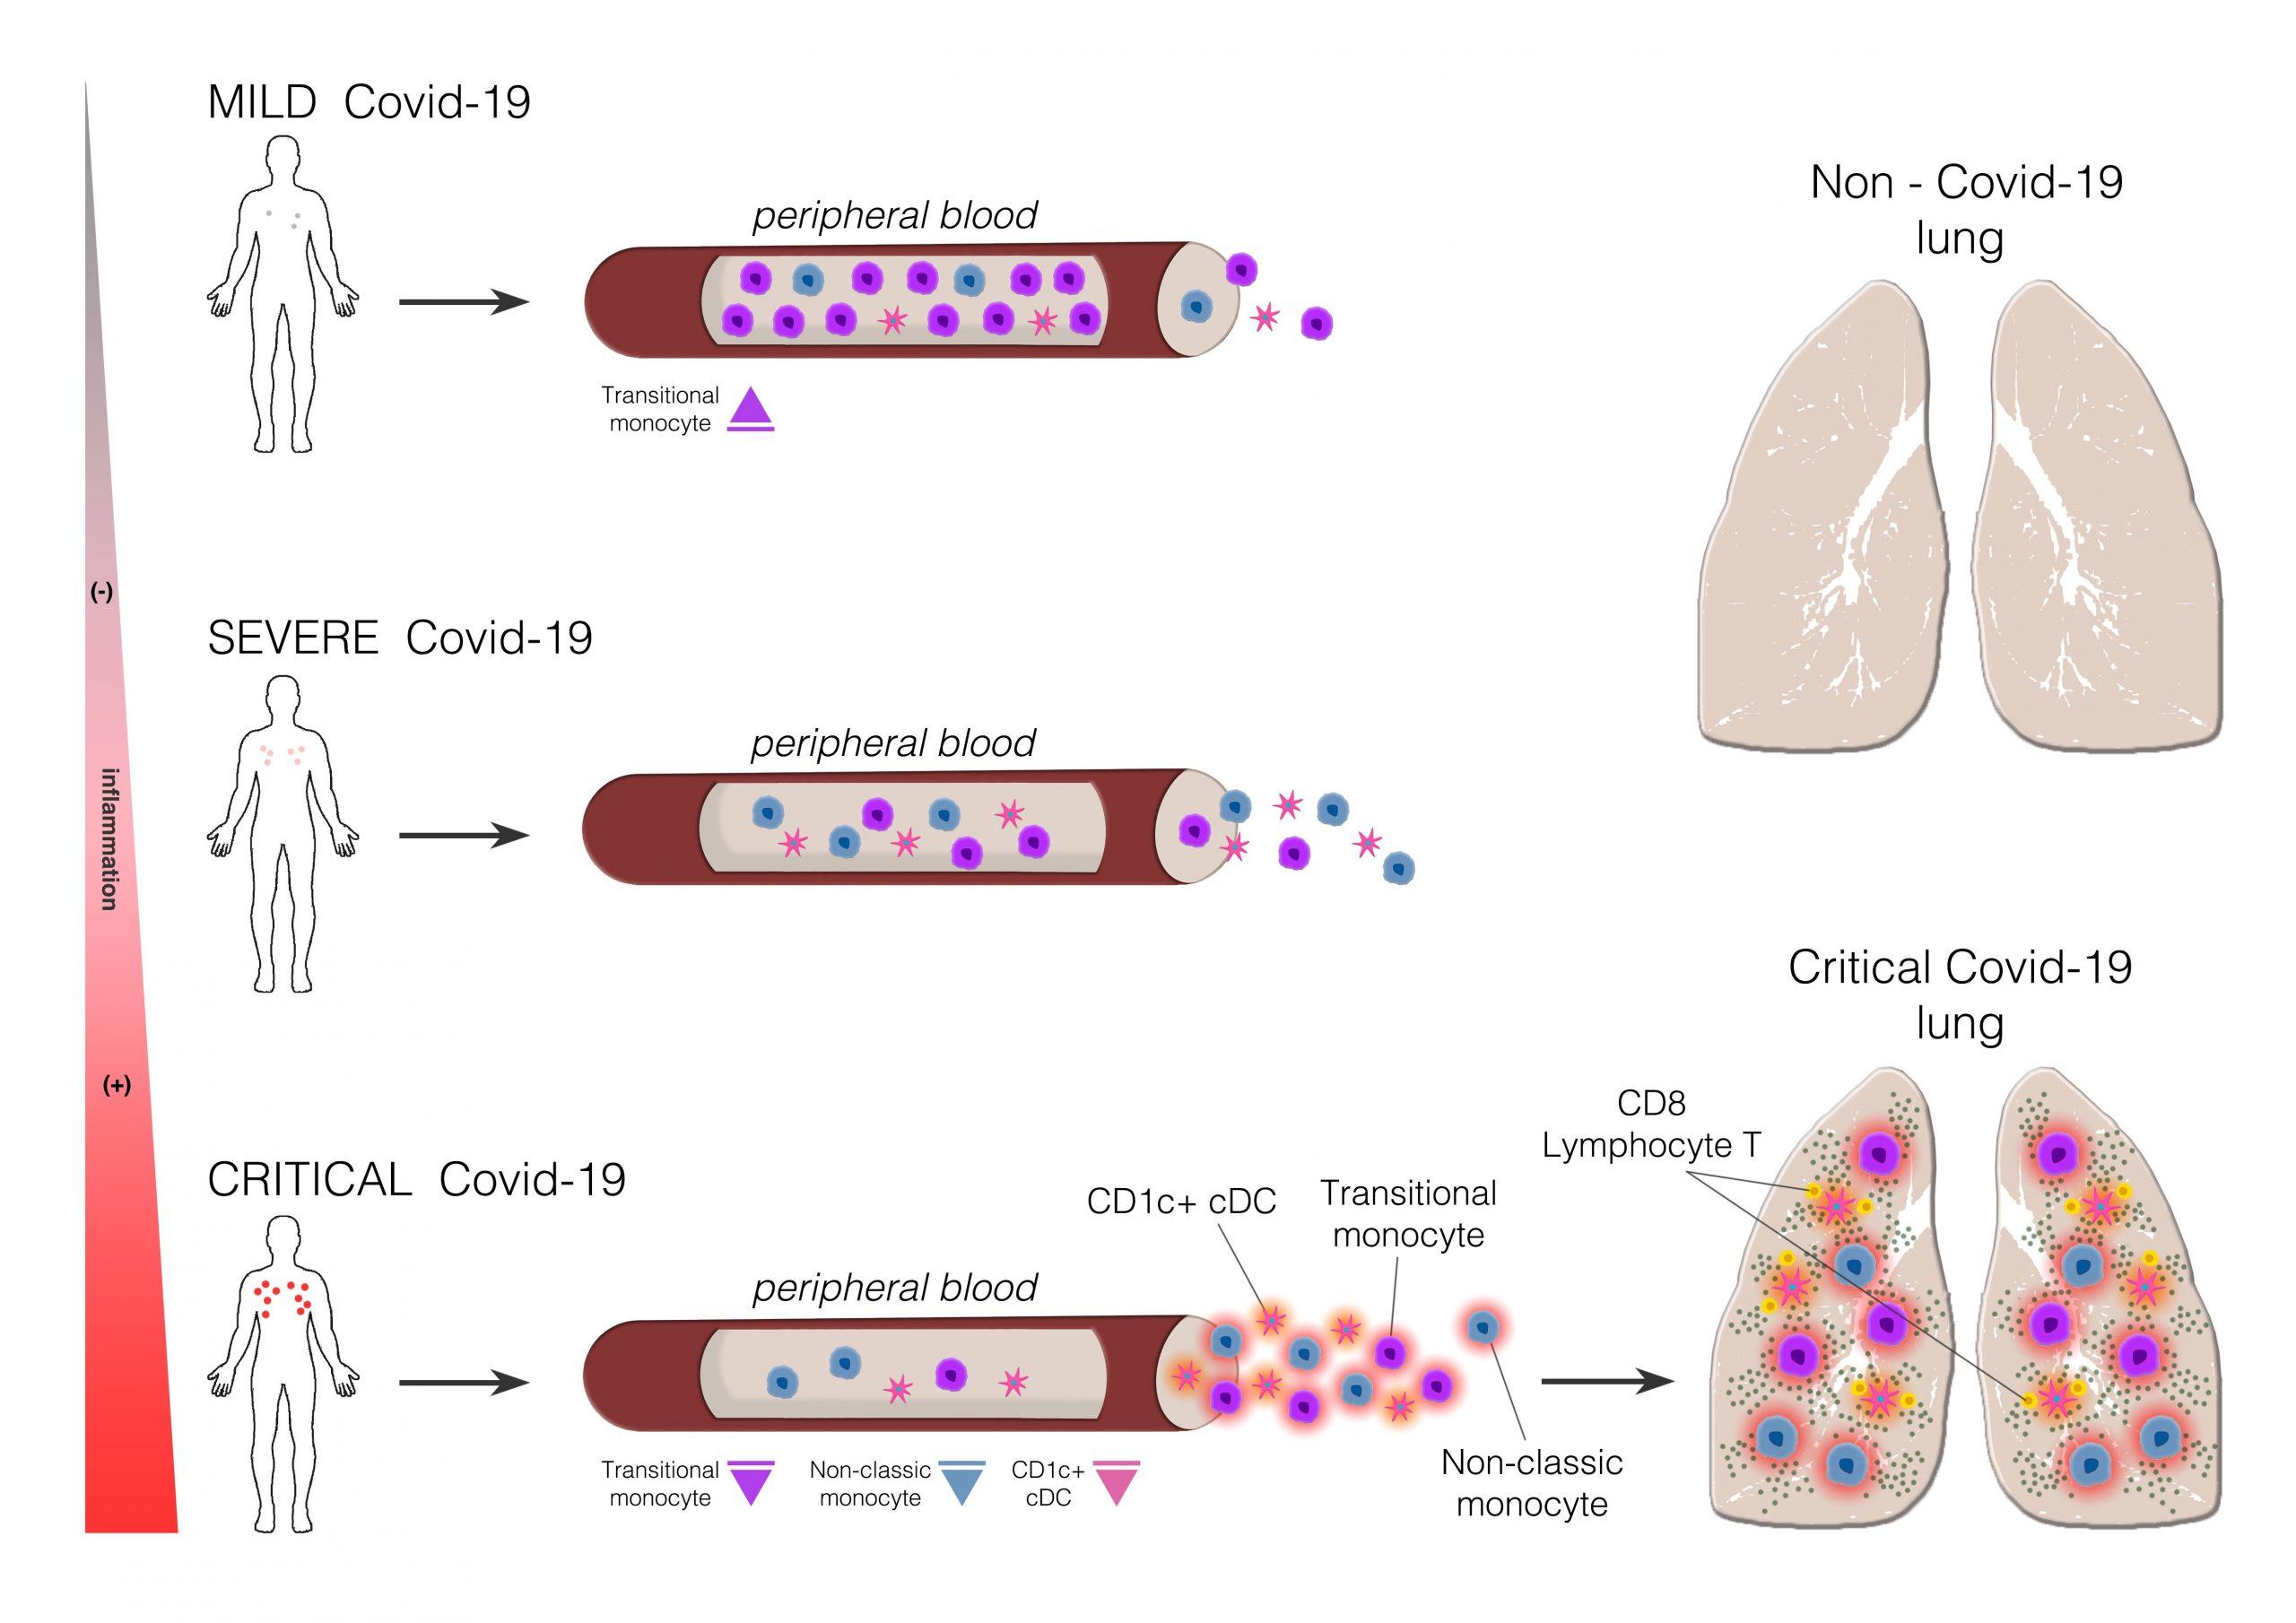 La COVID-19 afecta a distintas células del sistema inmunitario según la gravedad